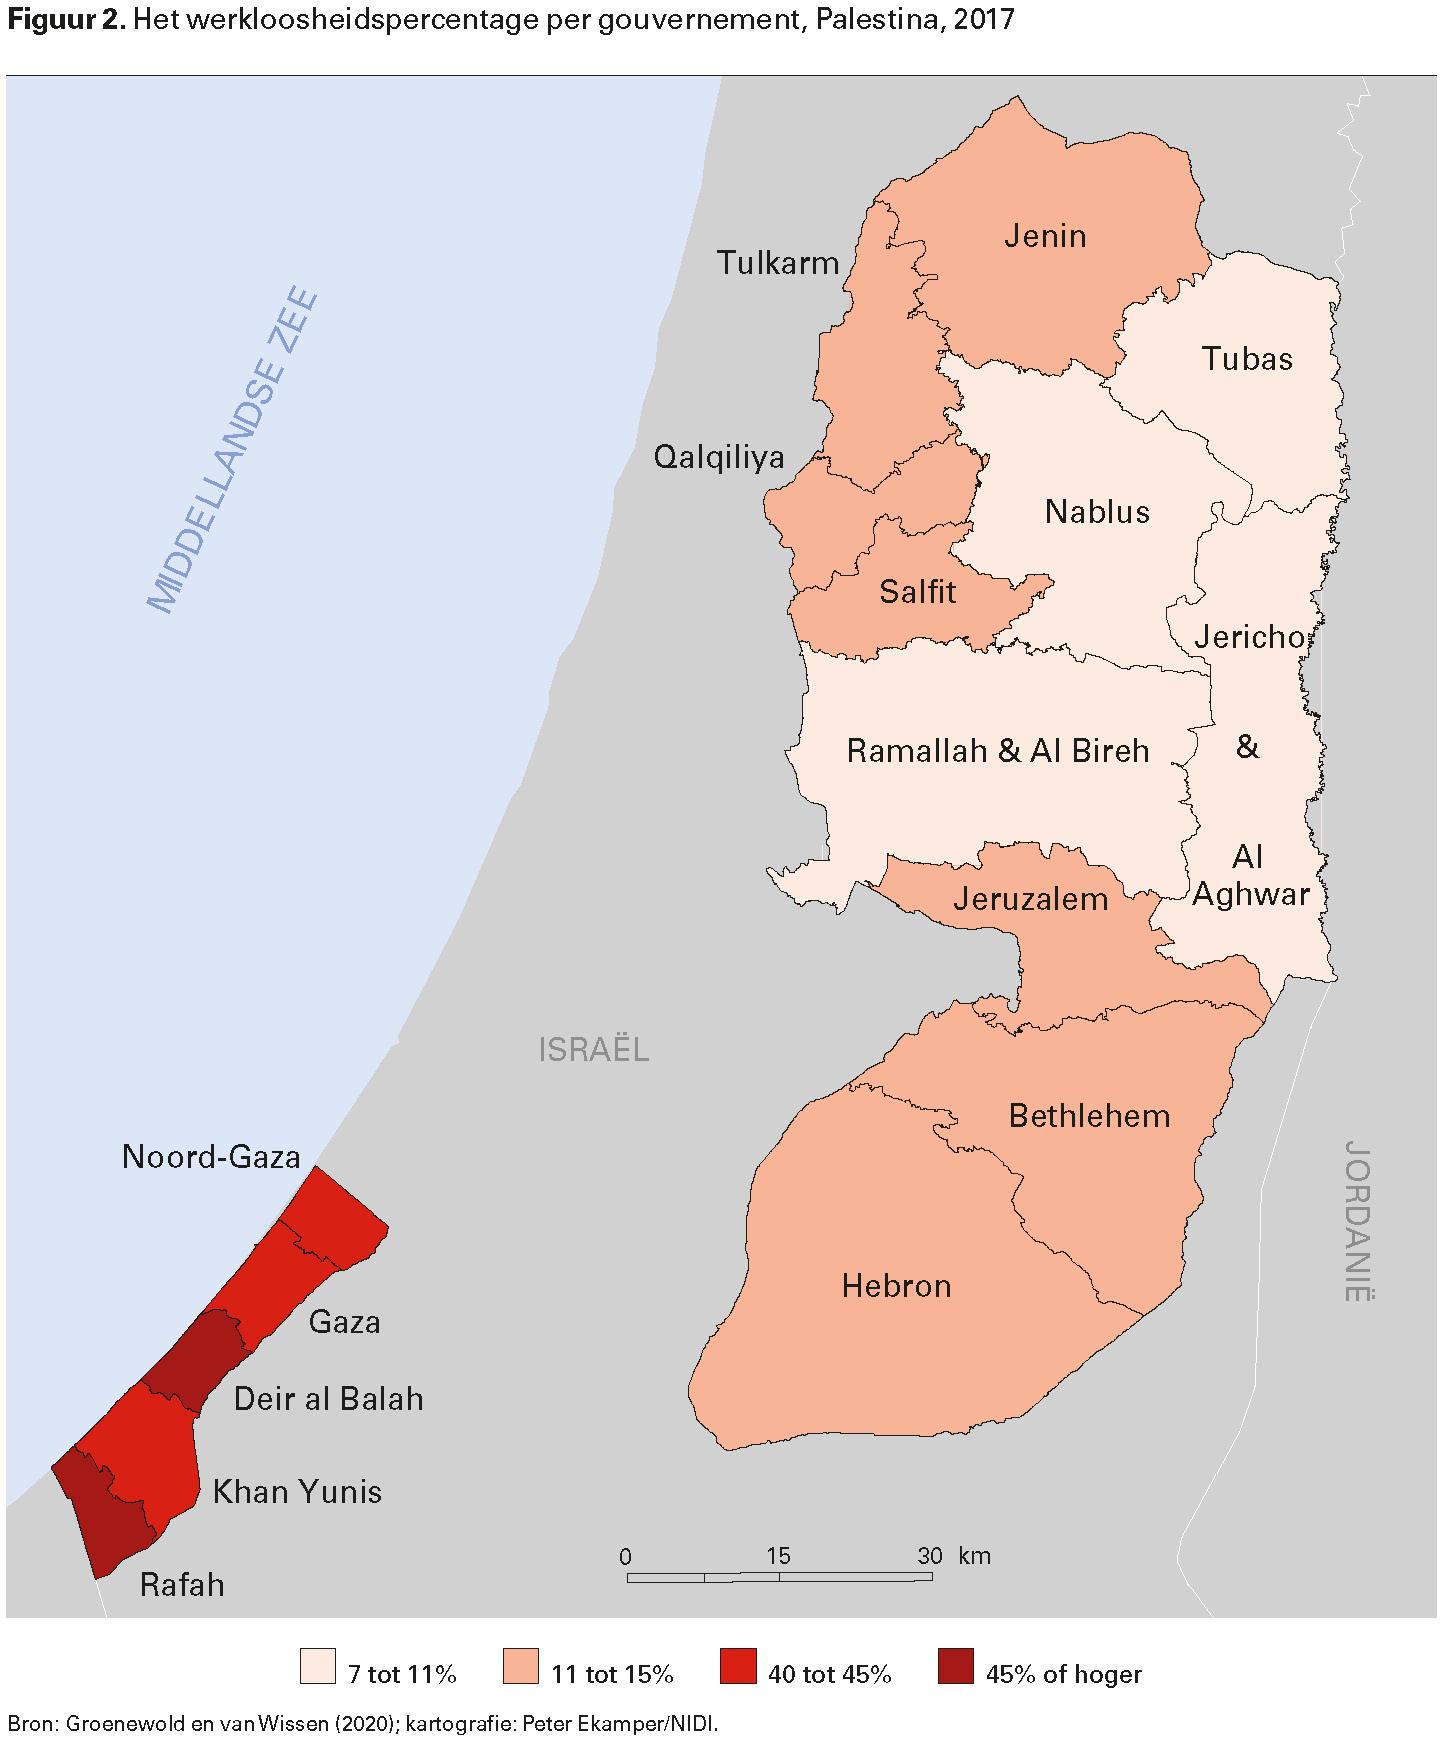 Figuur 2. Het werkloosheidspercentage per gouvernement, Palestina, 2017